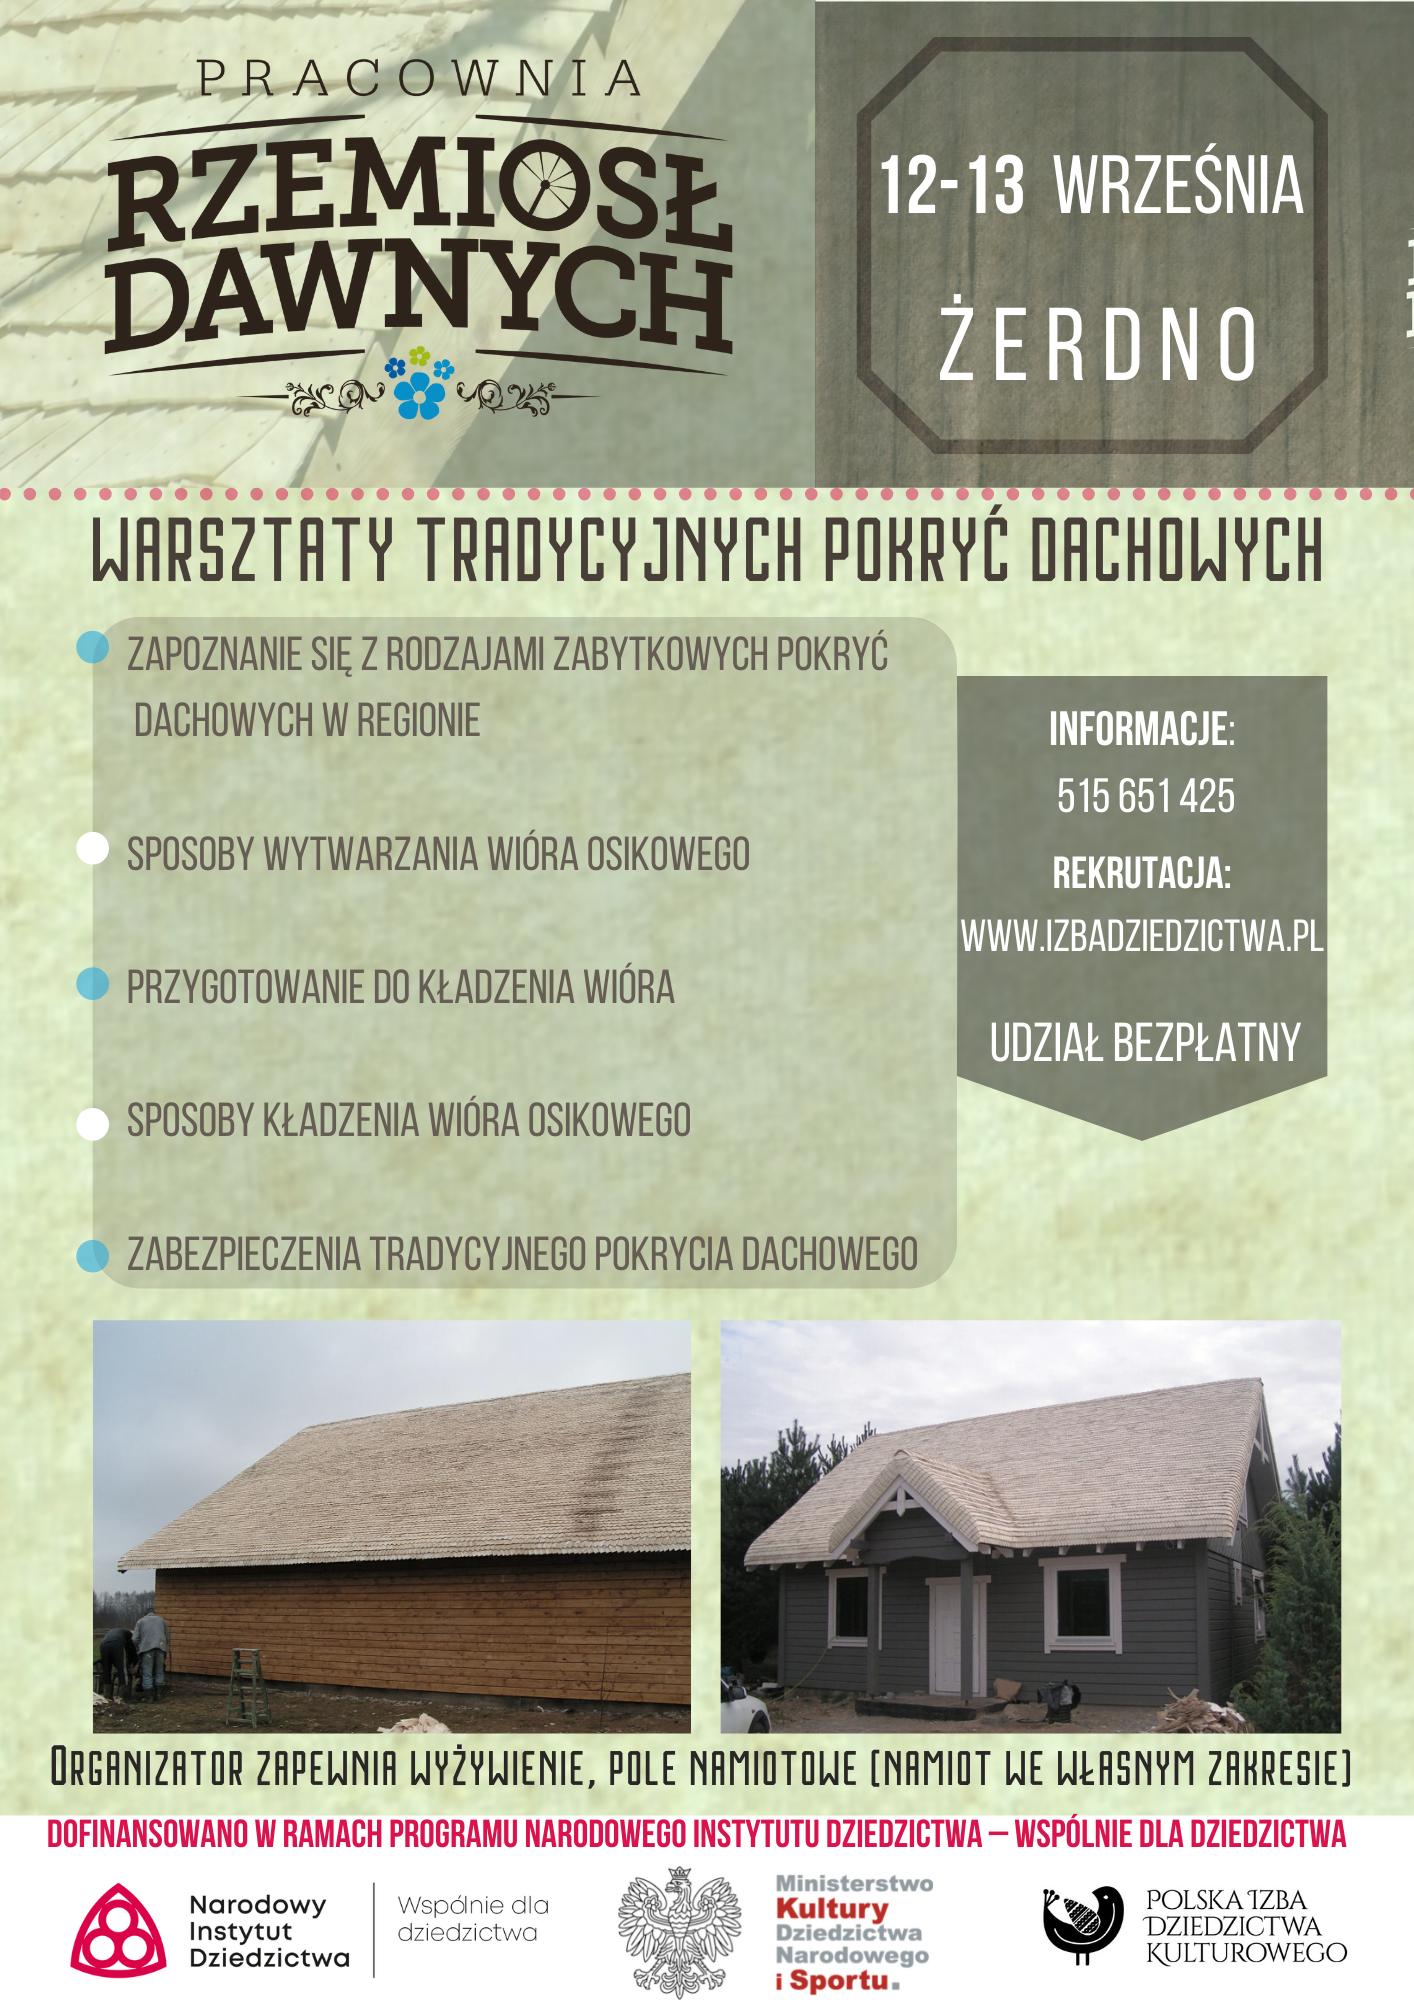 Rekrutacja, warsztaty tradycyjnych pokryć dachowych 12-13 września 2021